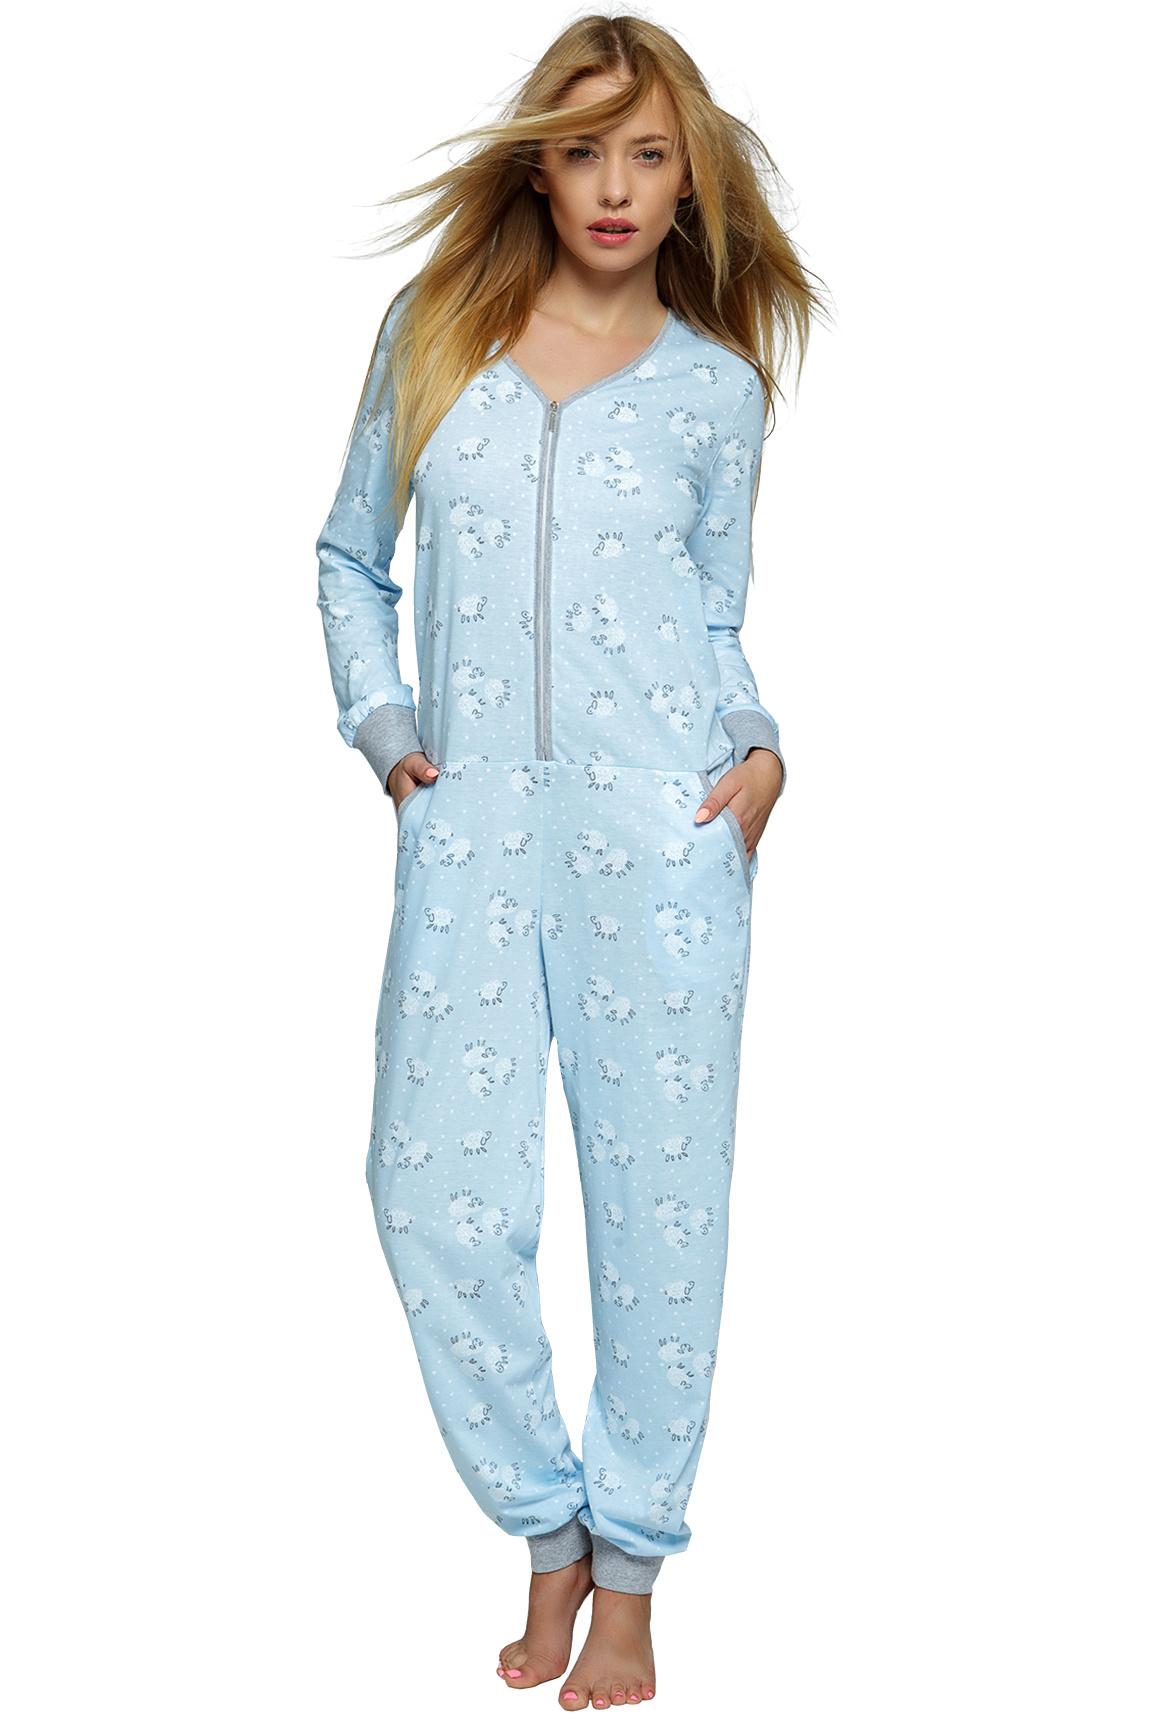 Dámsky modrý bavlnený overal na spanie Blue sheep zips - ELEGANT.sk 868287d621